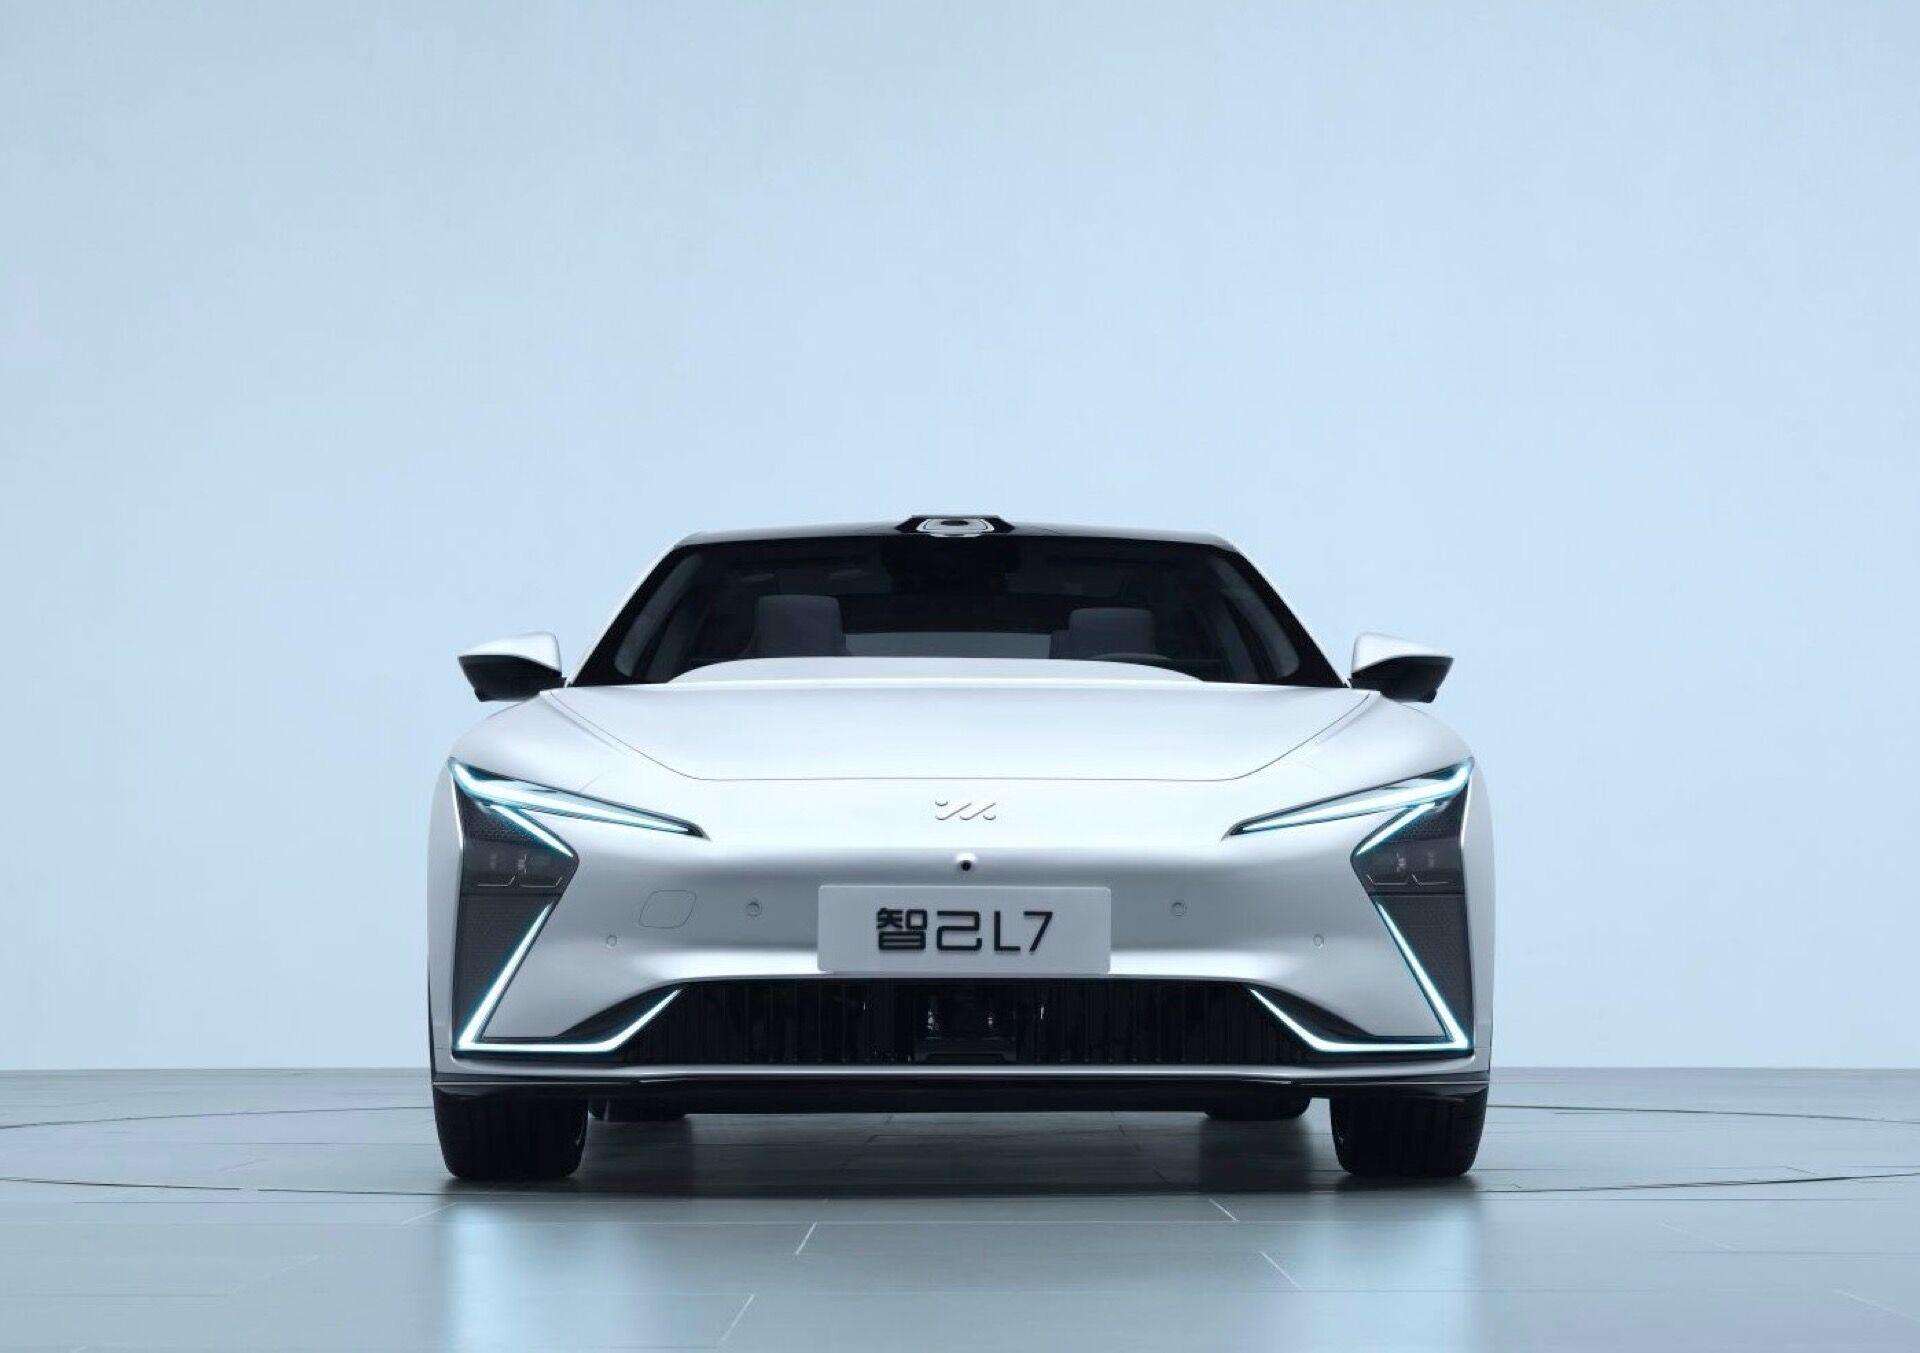 L7 отправится в серийное производство уже в начале будущего года